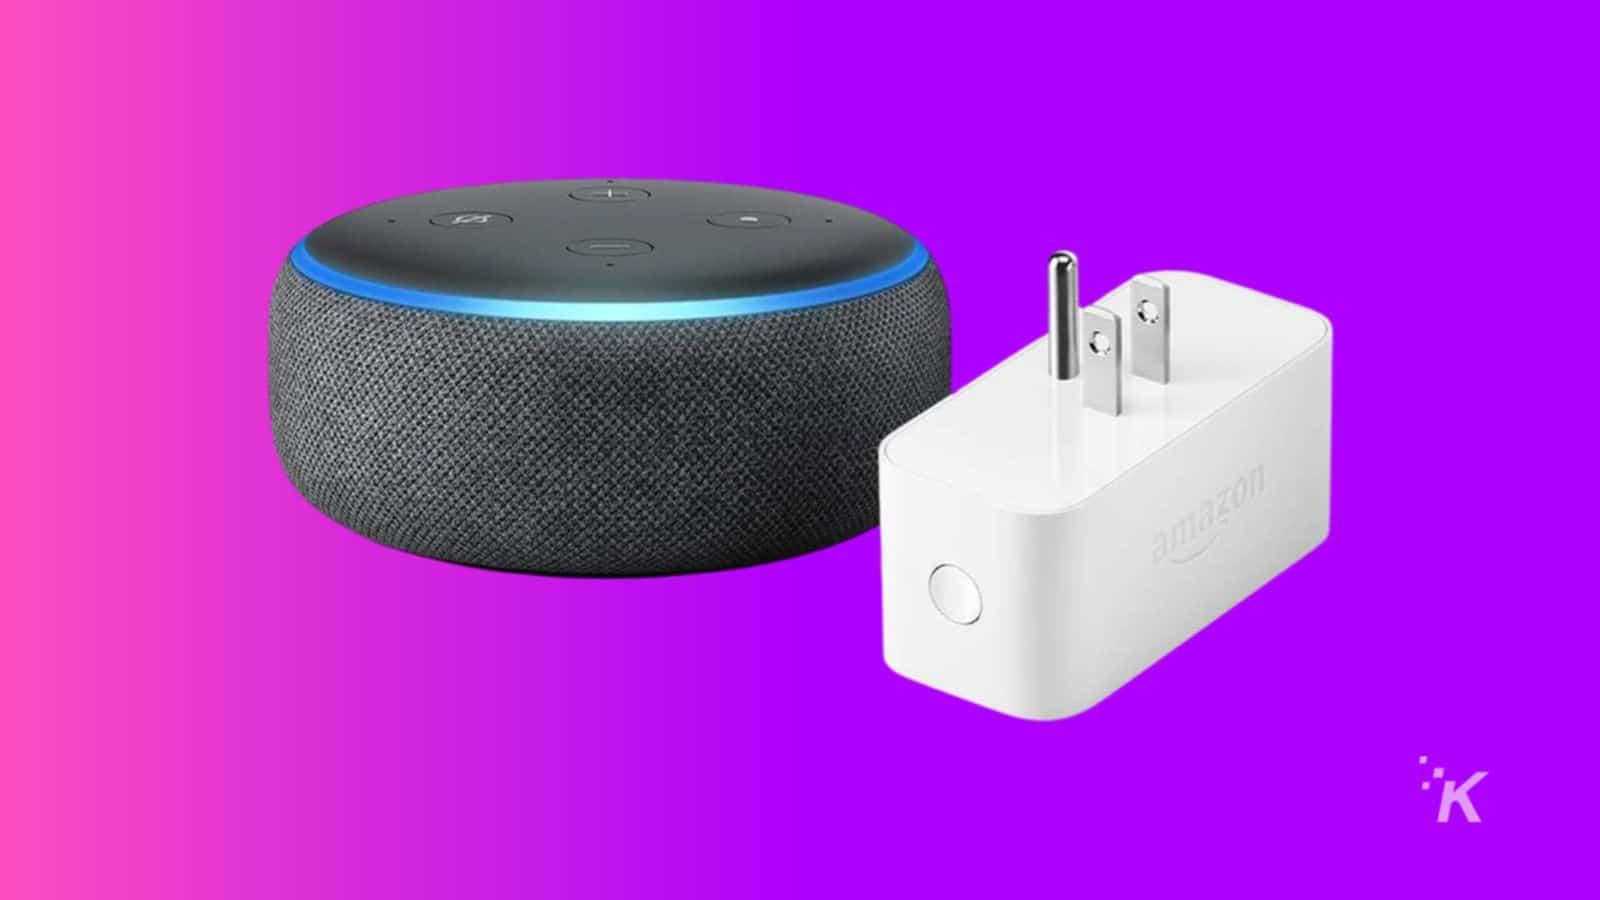 echod doit smart plug prime day deal